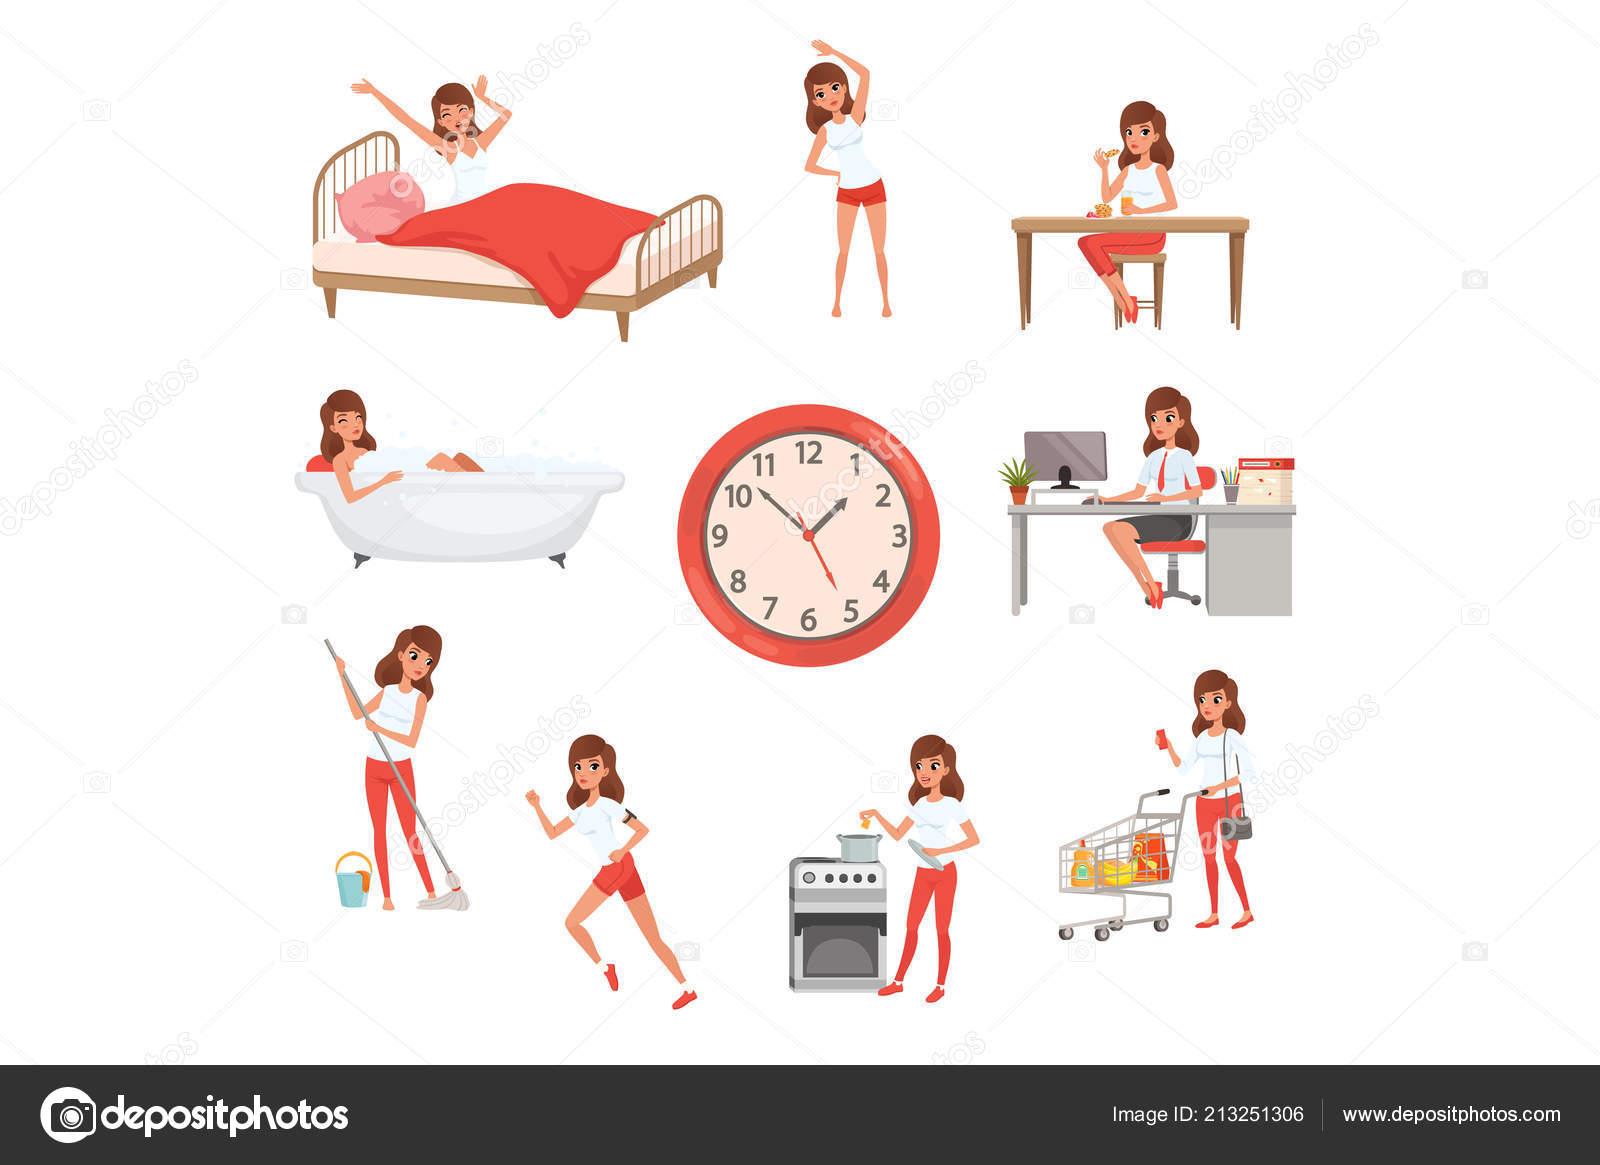 f2505f13495ca Hora do dia. Acordar, fazer exercícios físicos, tomando café da manhã,  tomar banho, trabalhar, limpeza de casa, a cozinhar e fazer compras.